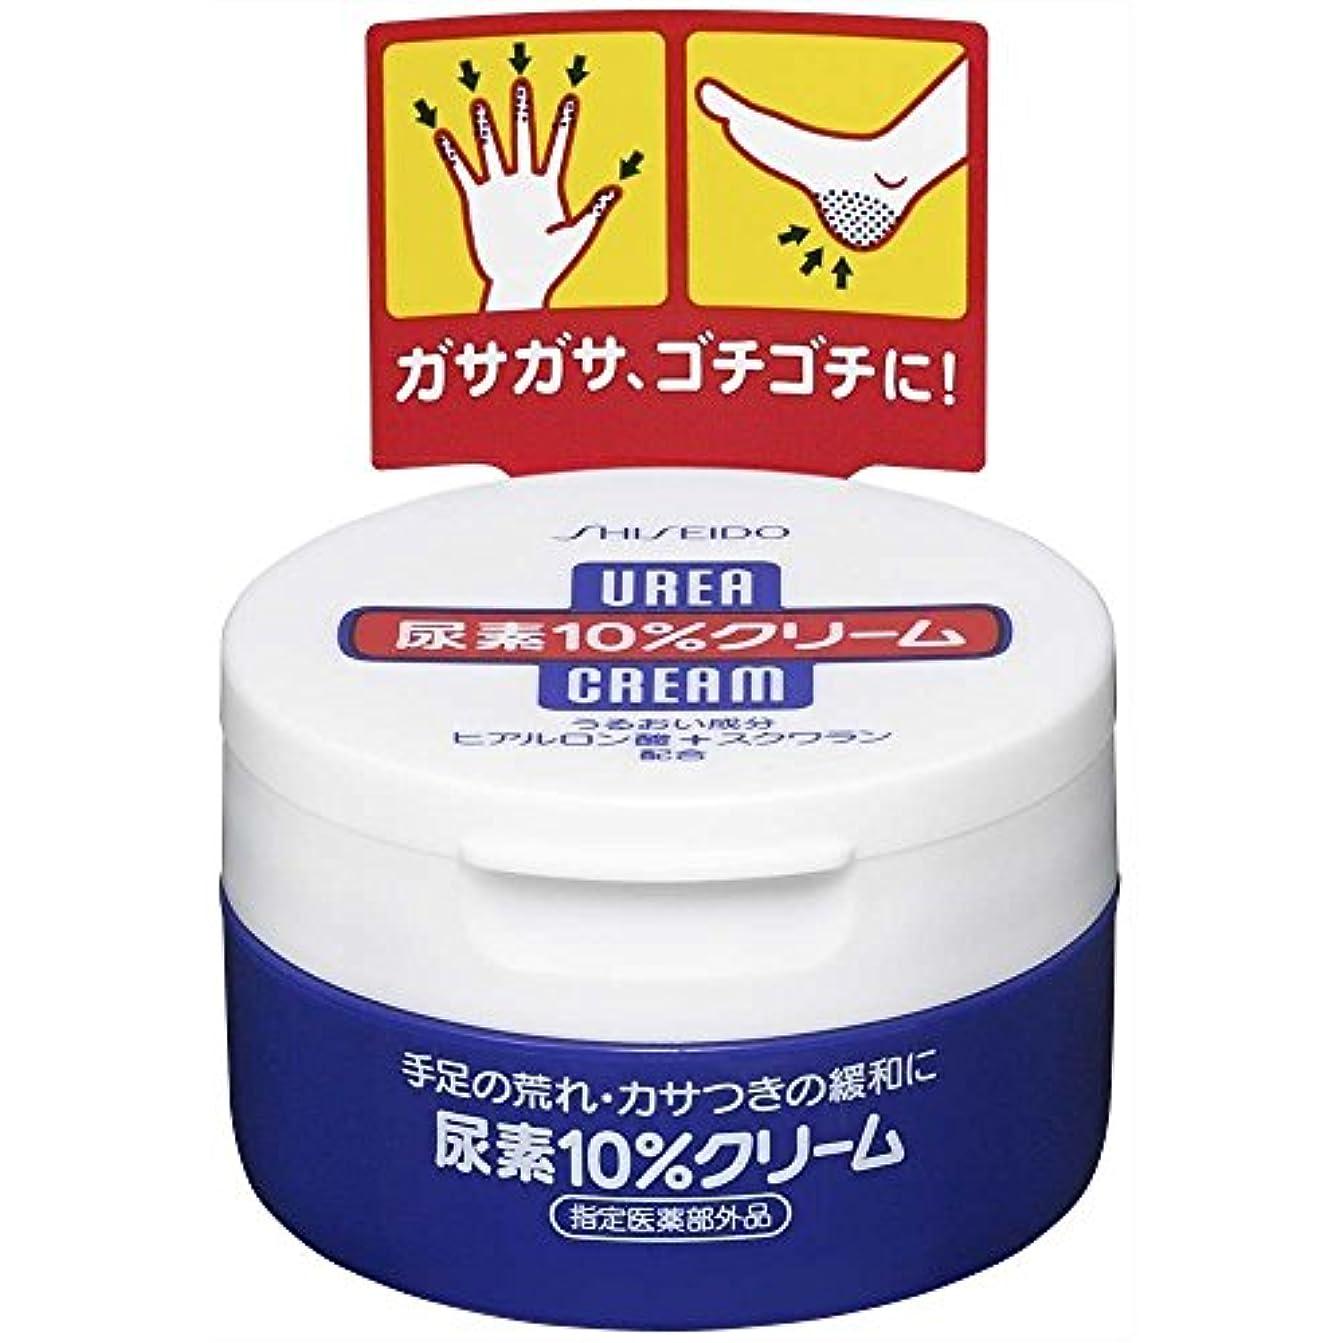 キャスト大惨事不平を言う資生堂 尿素10%クリーム 100g(医薬部外品)